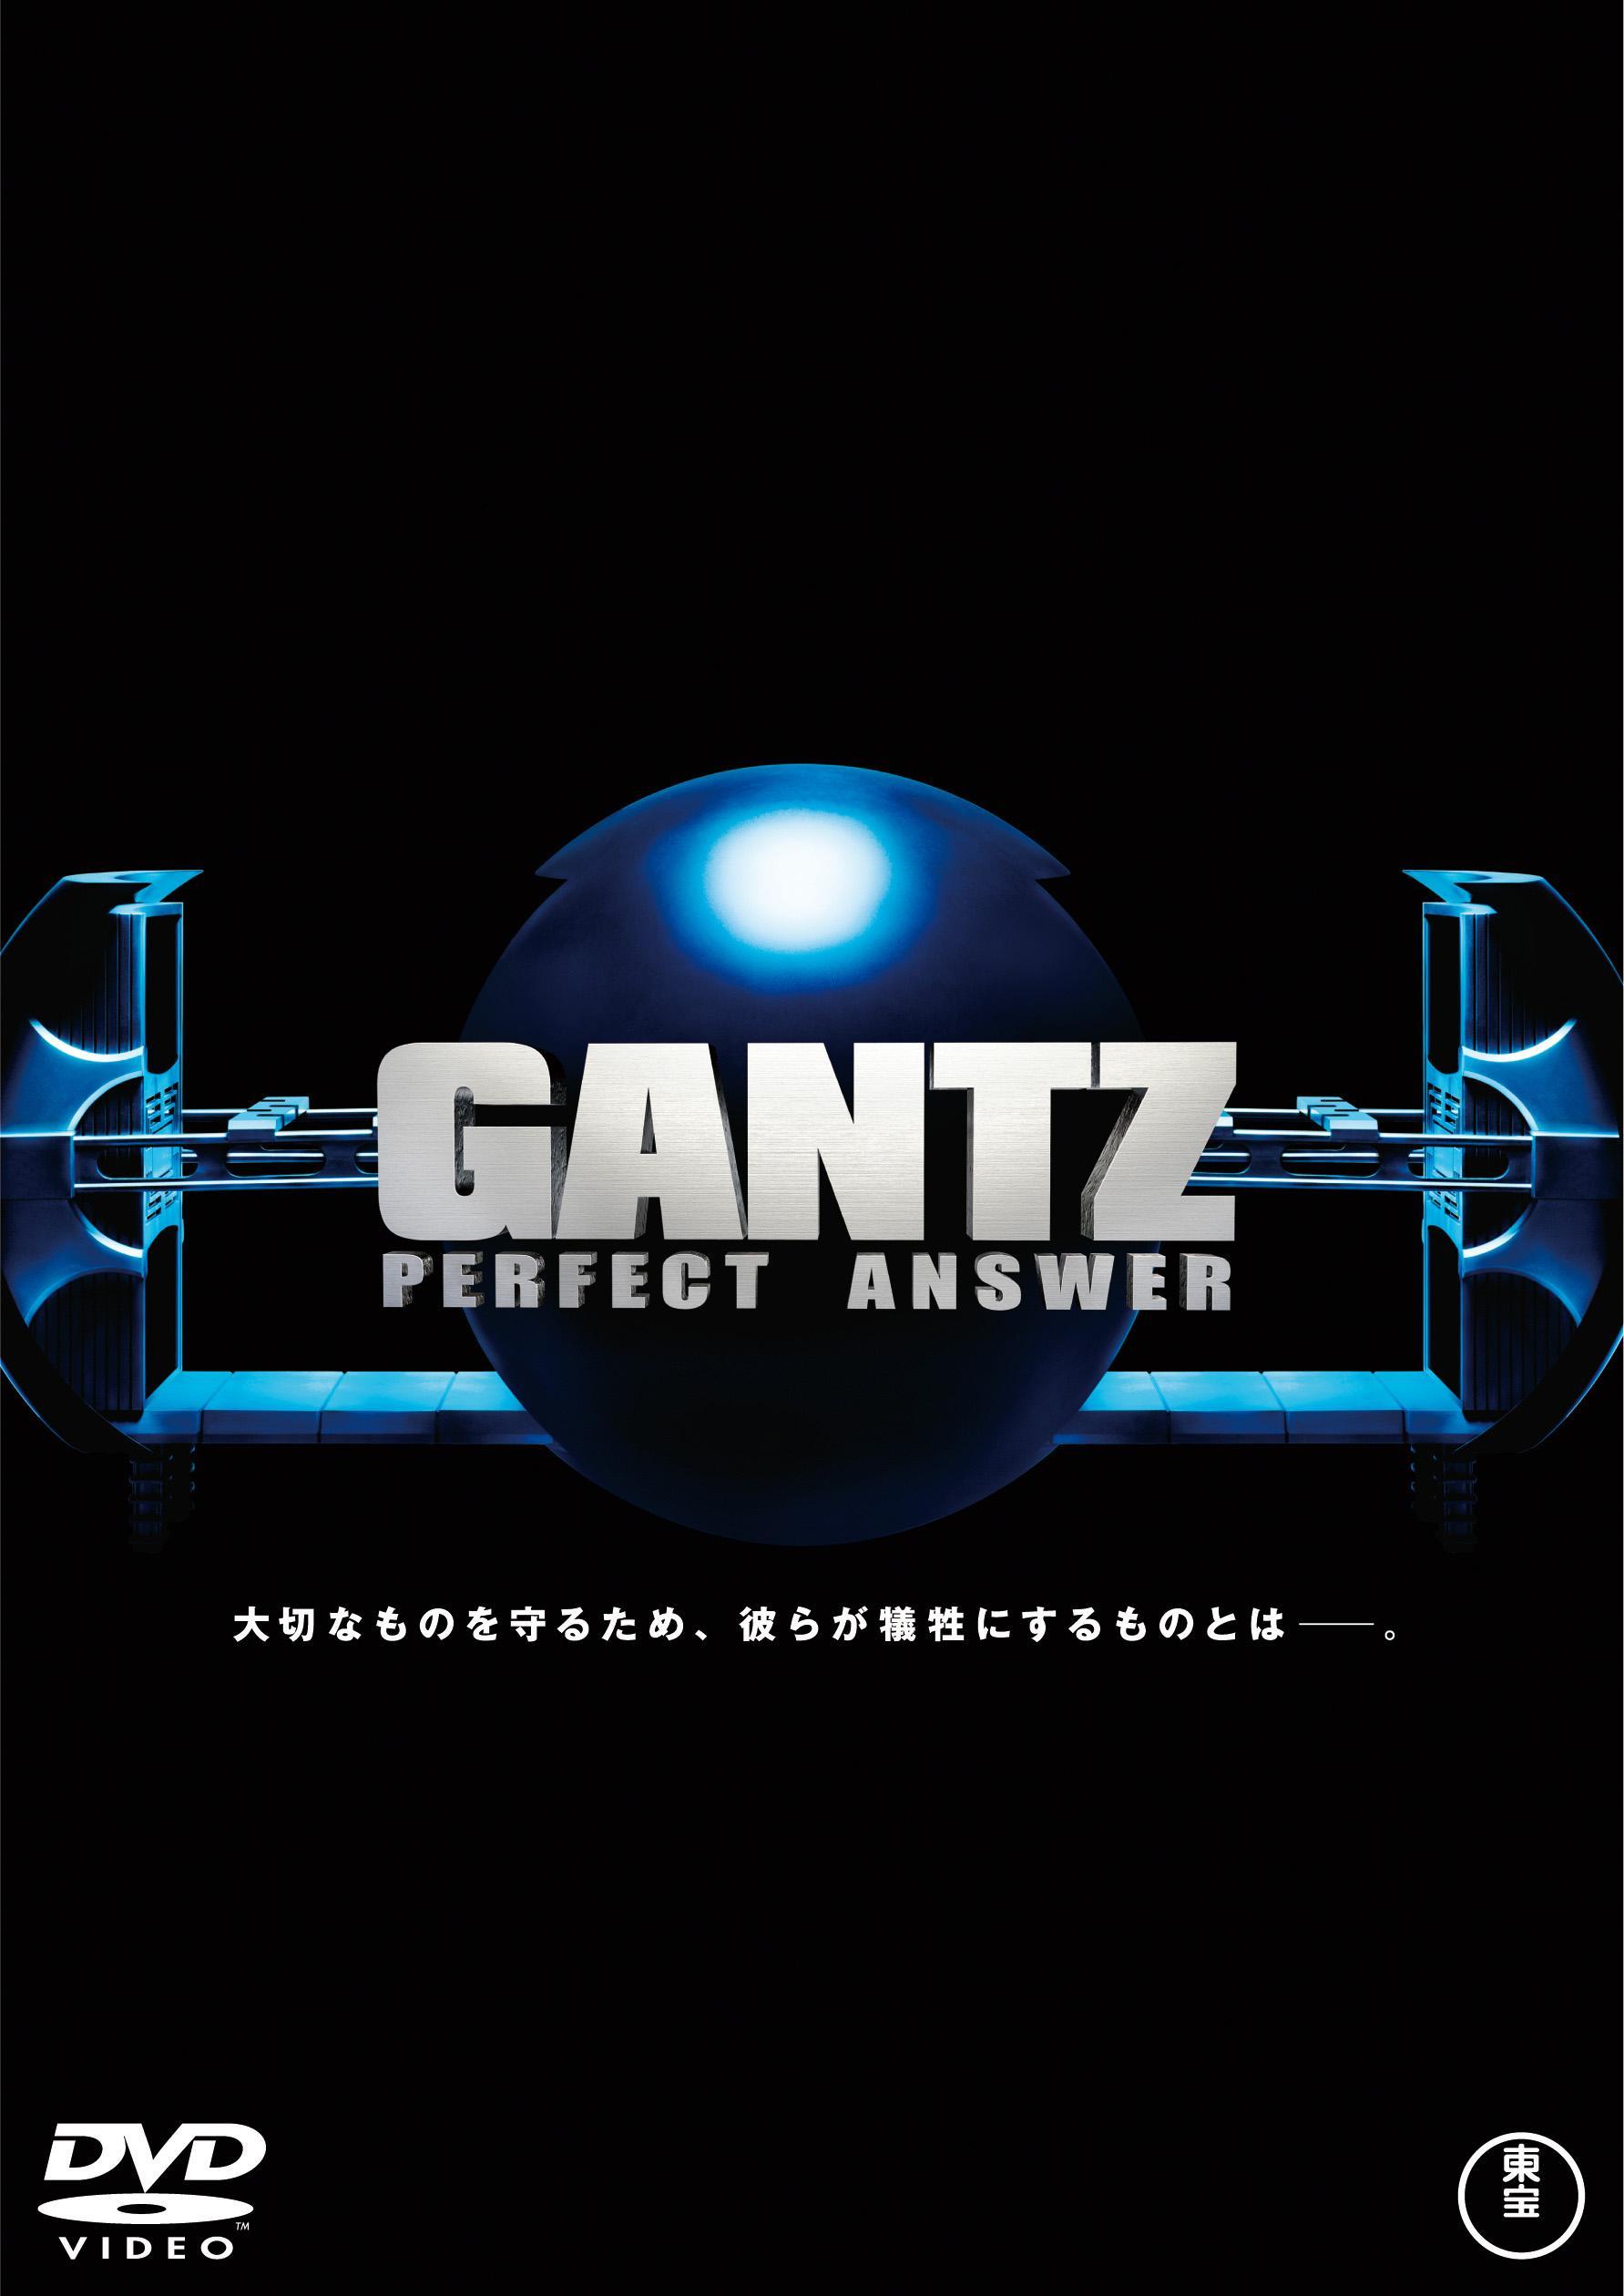 GANTZ PERFECT ANSWER のサムネイル画像